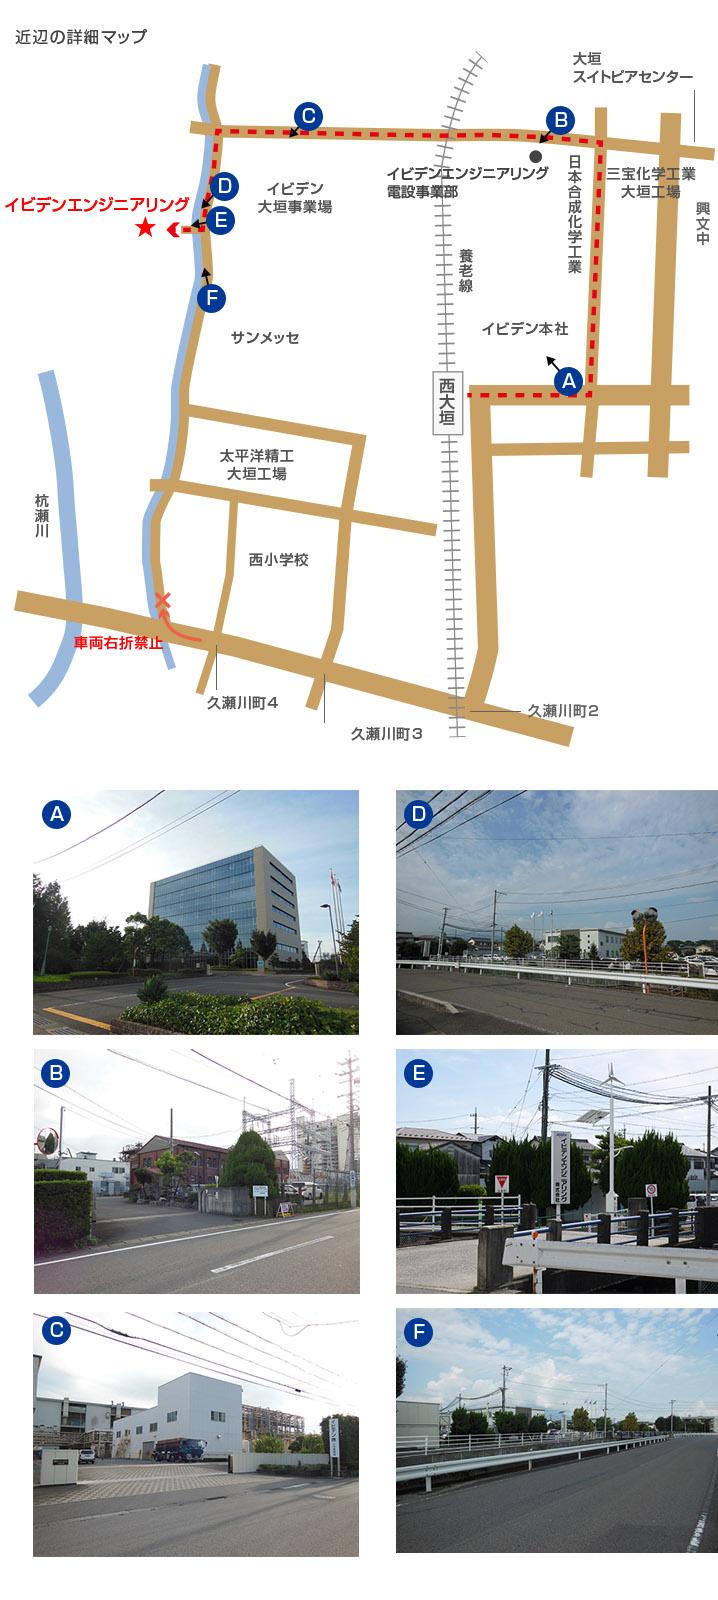 アクセス地図と写真